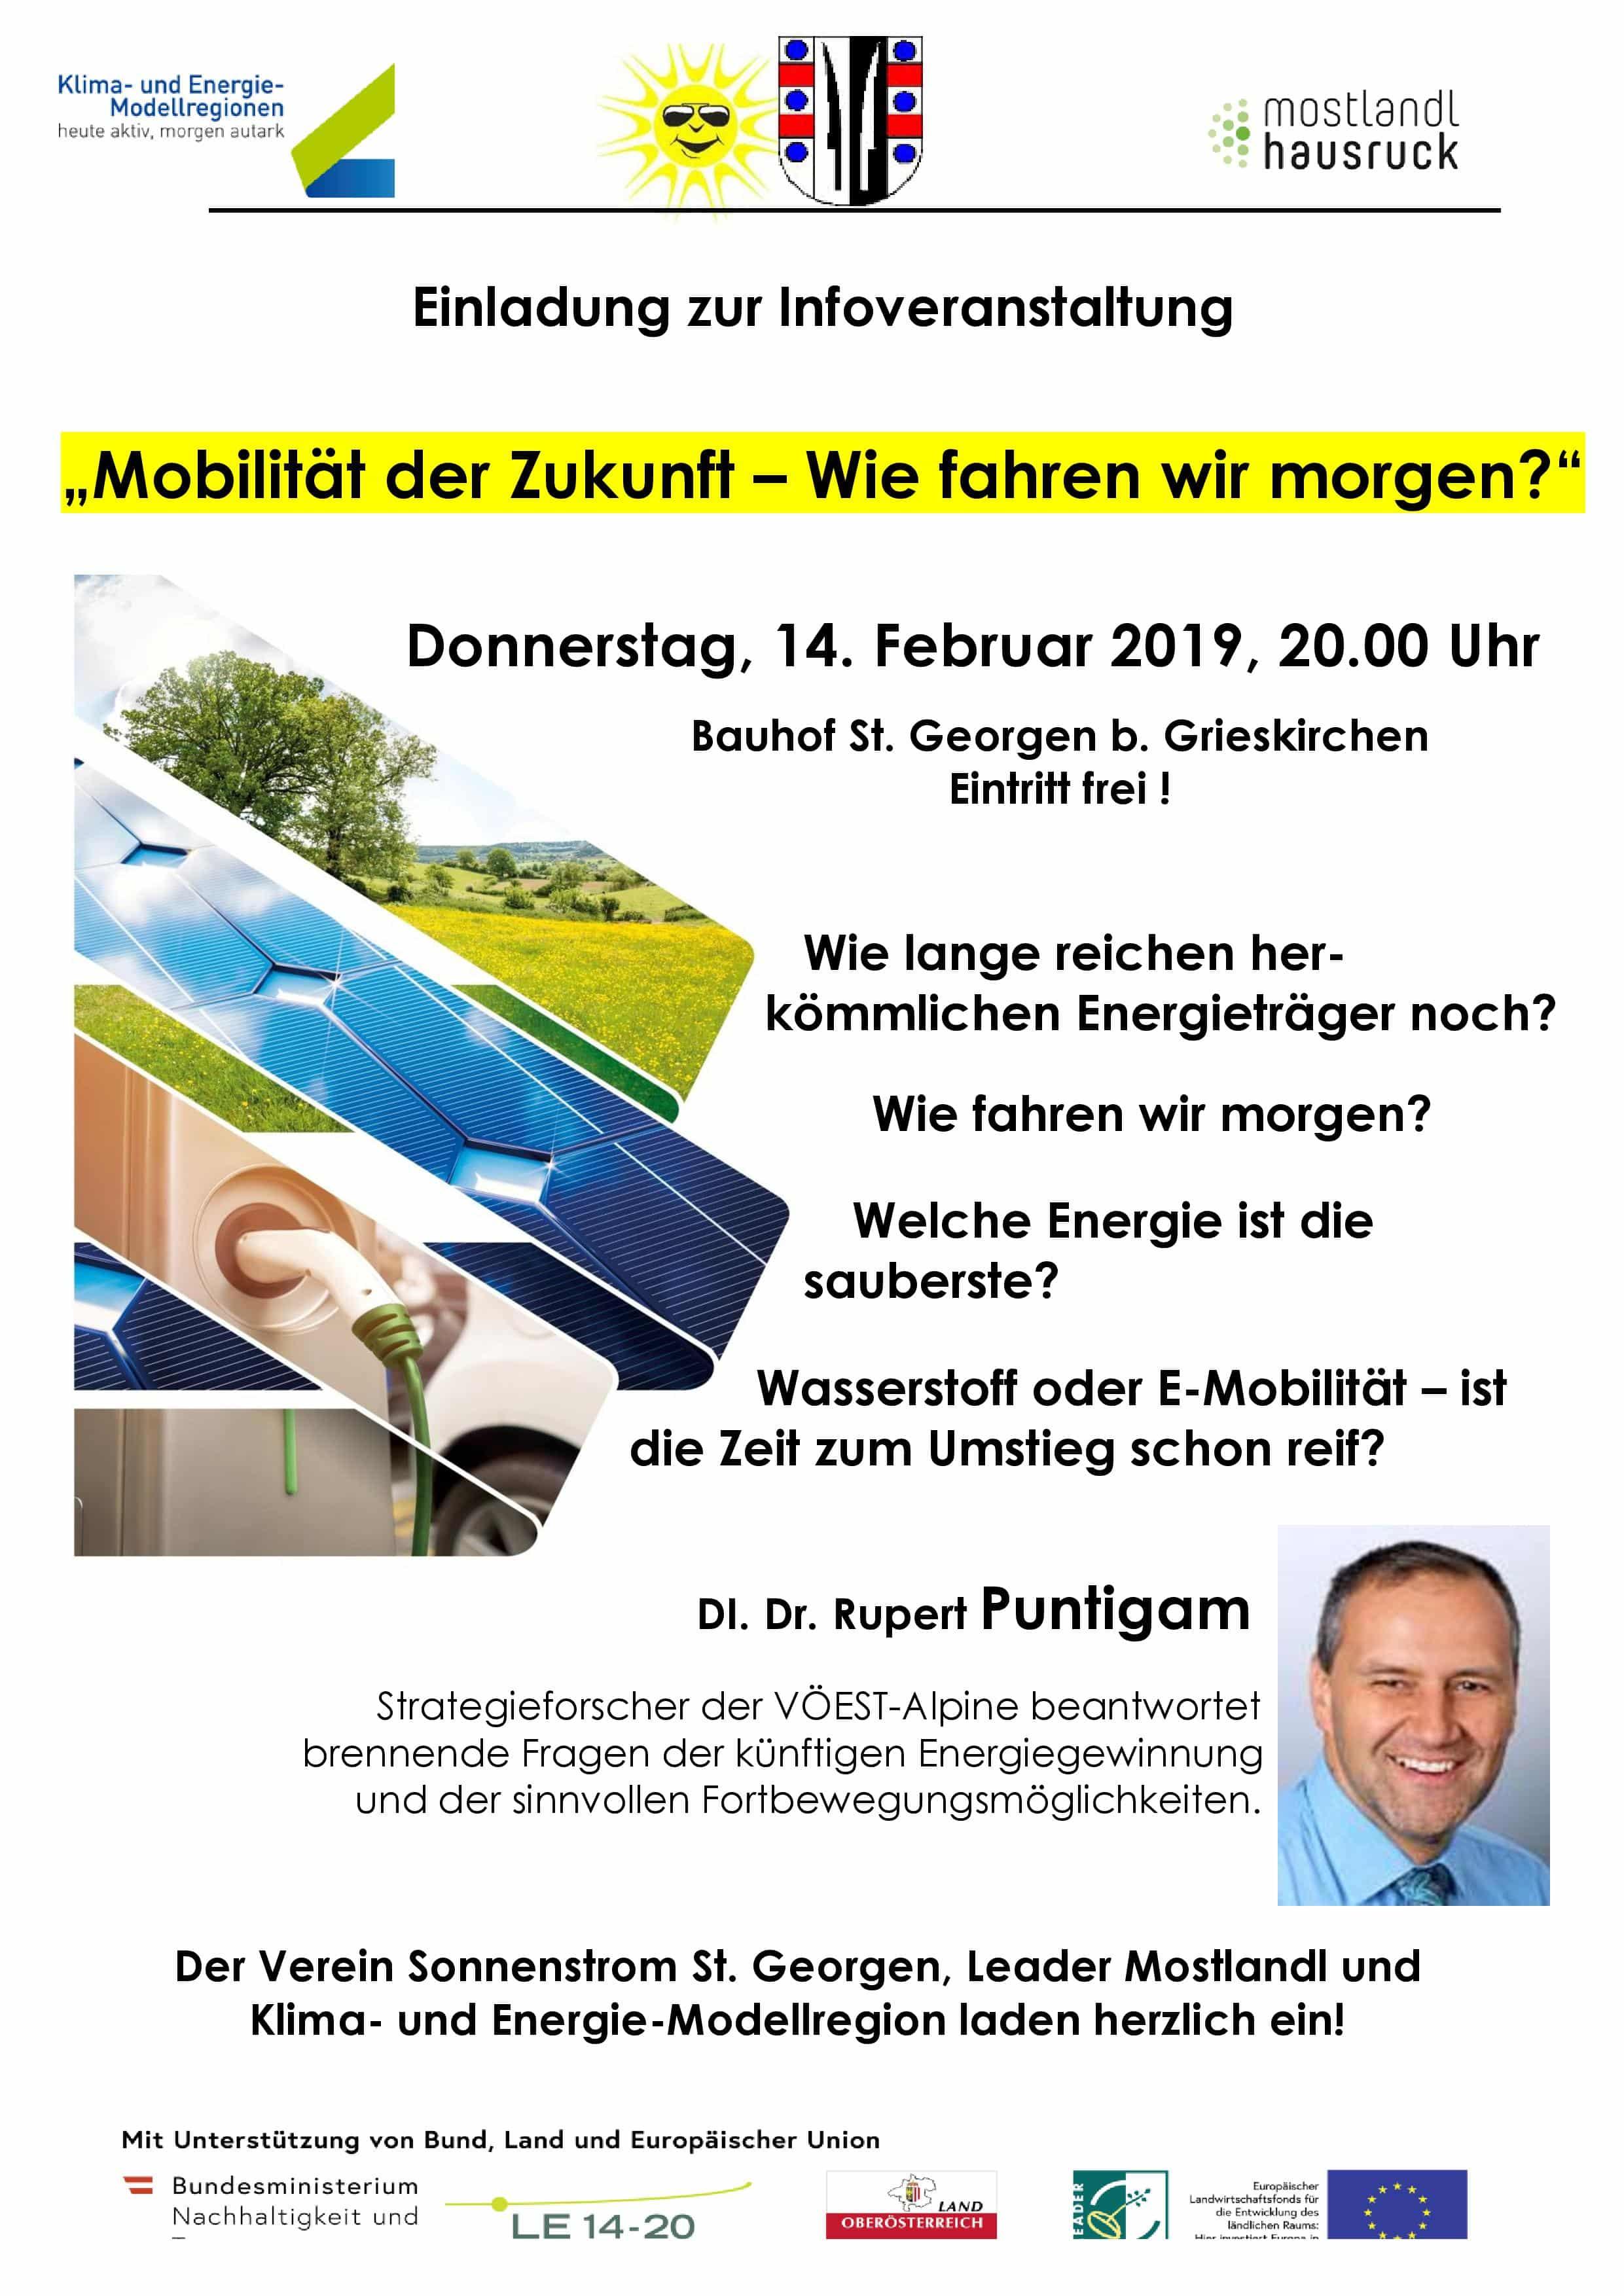 Mobilität der Zukunft – Wie fahren wir morgen? » Einladung zur Infoveranstaltung JPG